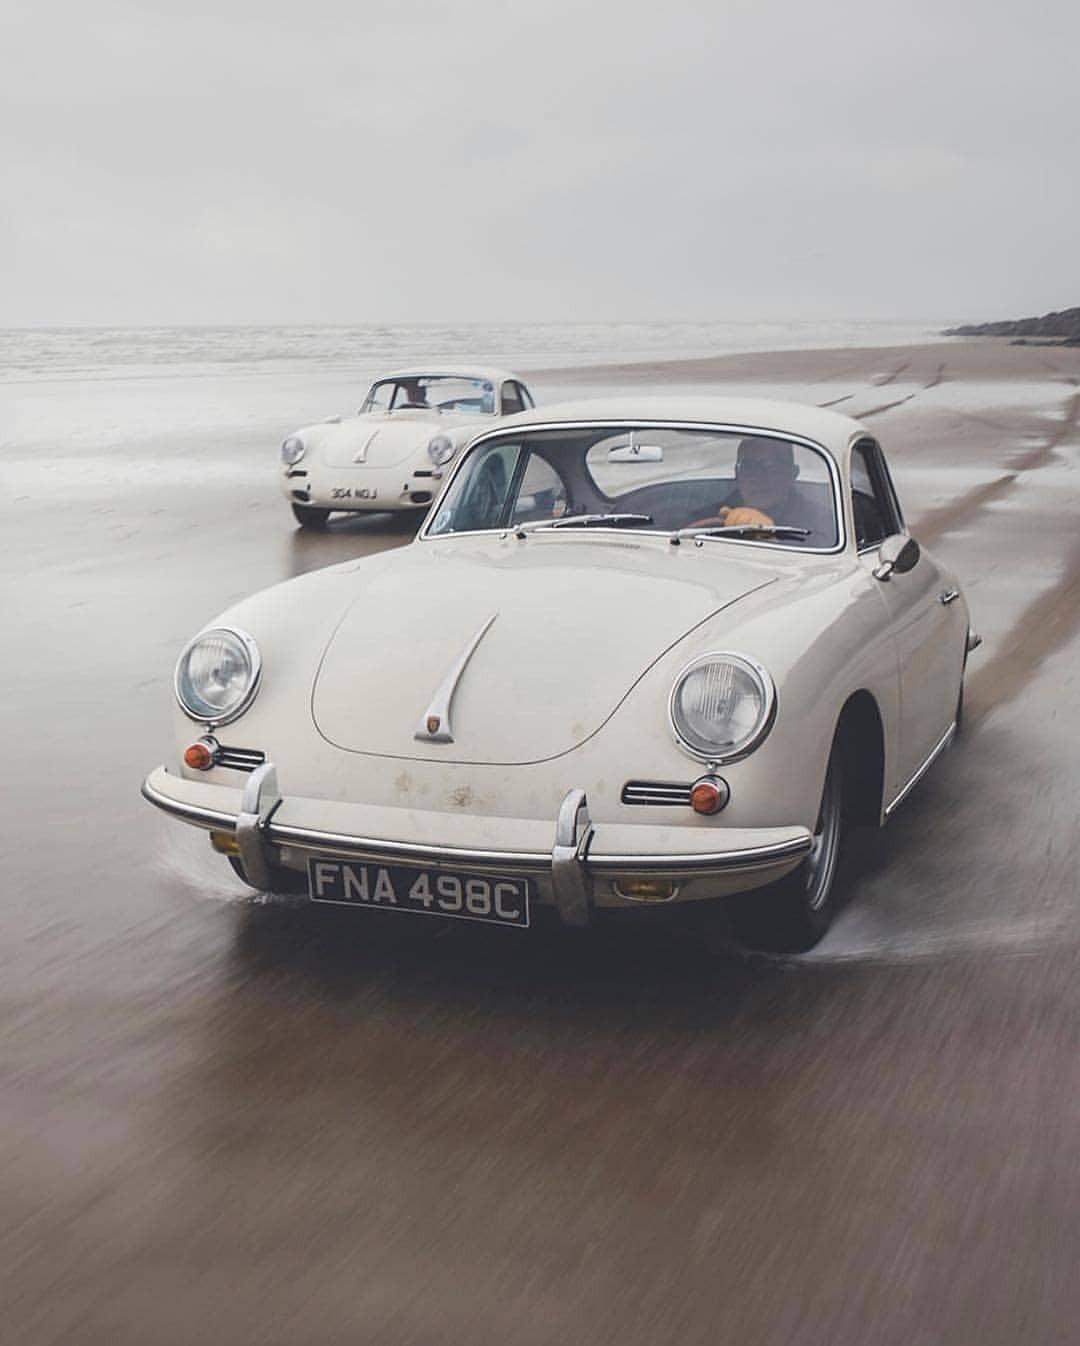 912 beach race